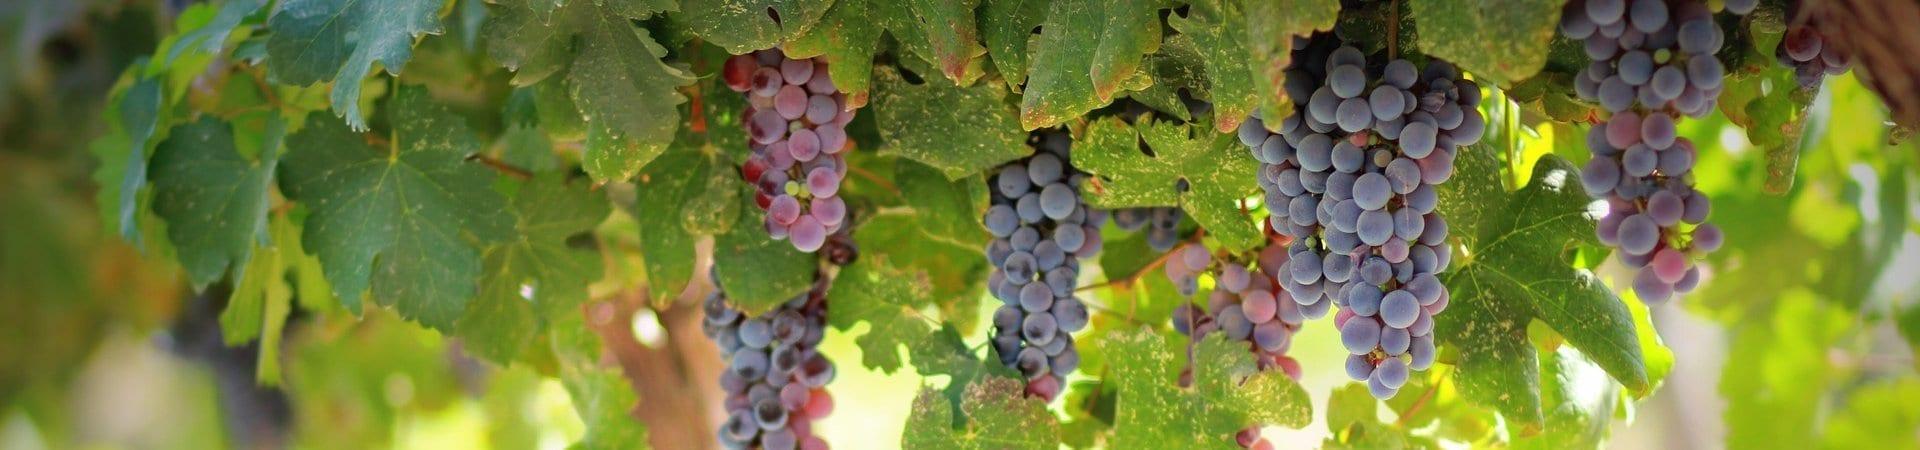 grapes-1844745_1920-aspect-ratio-x